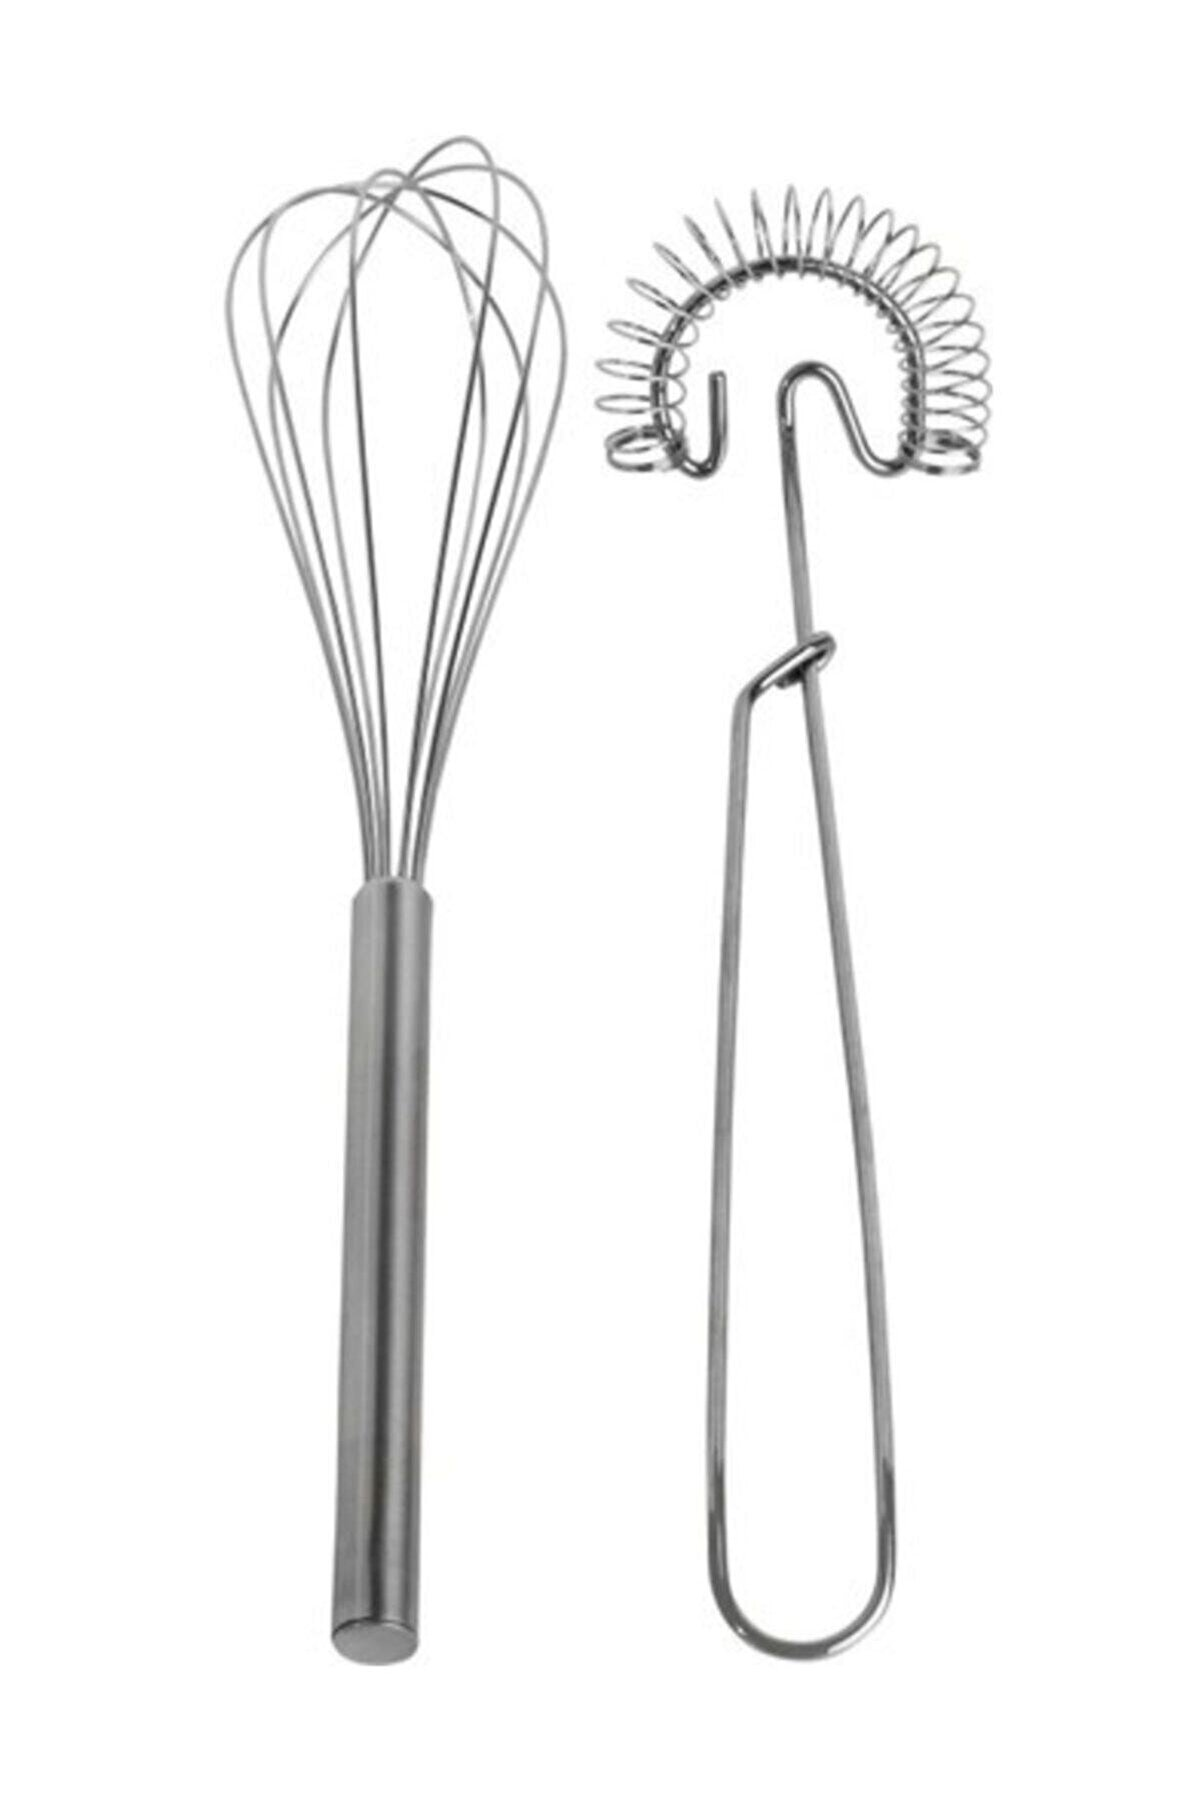 BARBUN Idealisk 2 Li Çırpıcı Ikili Çırpma Seti